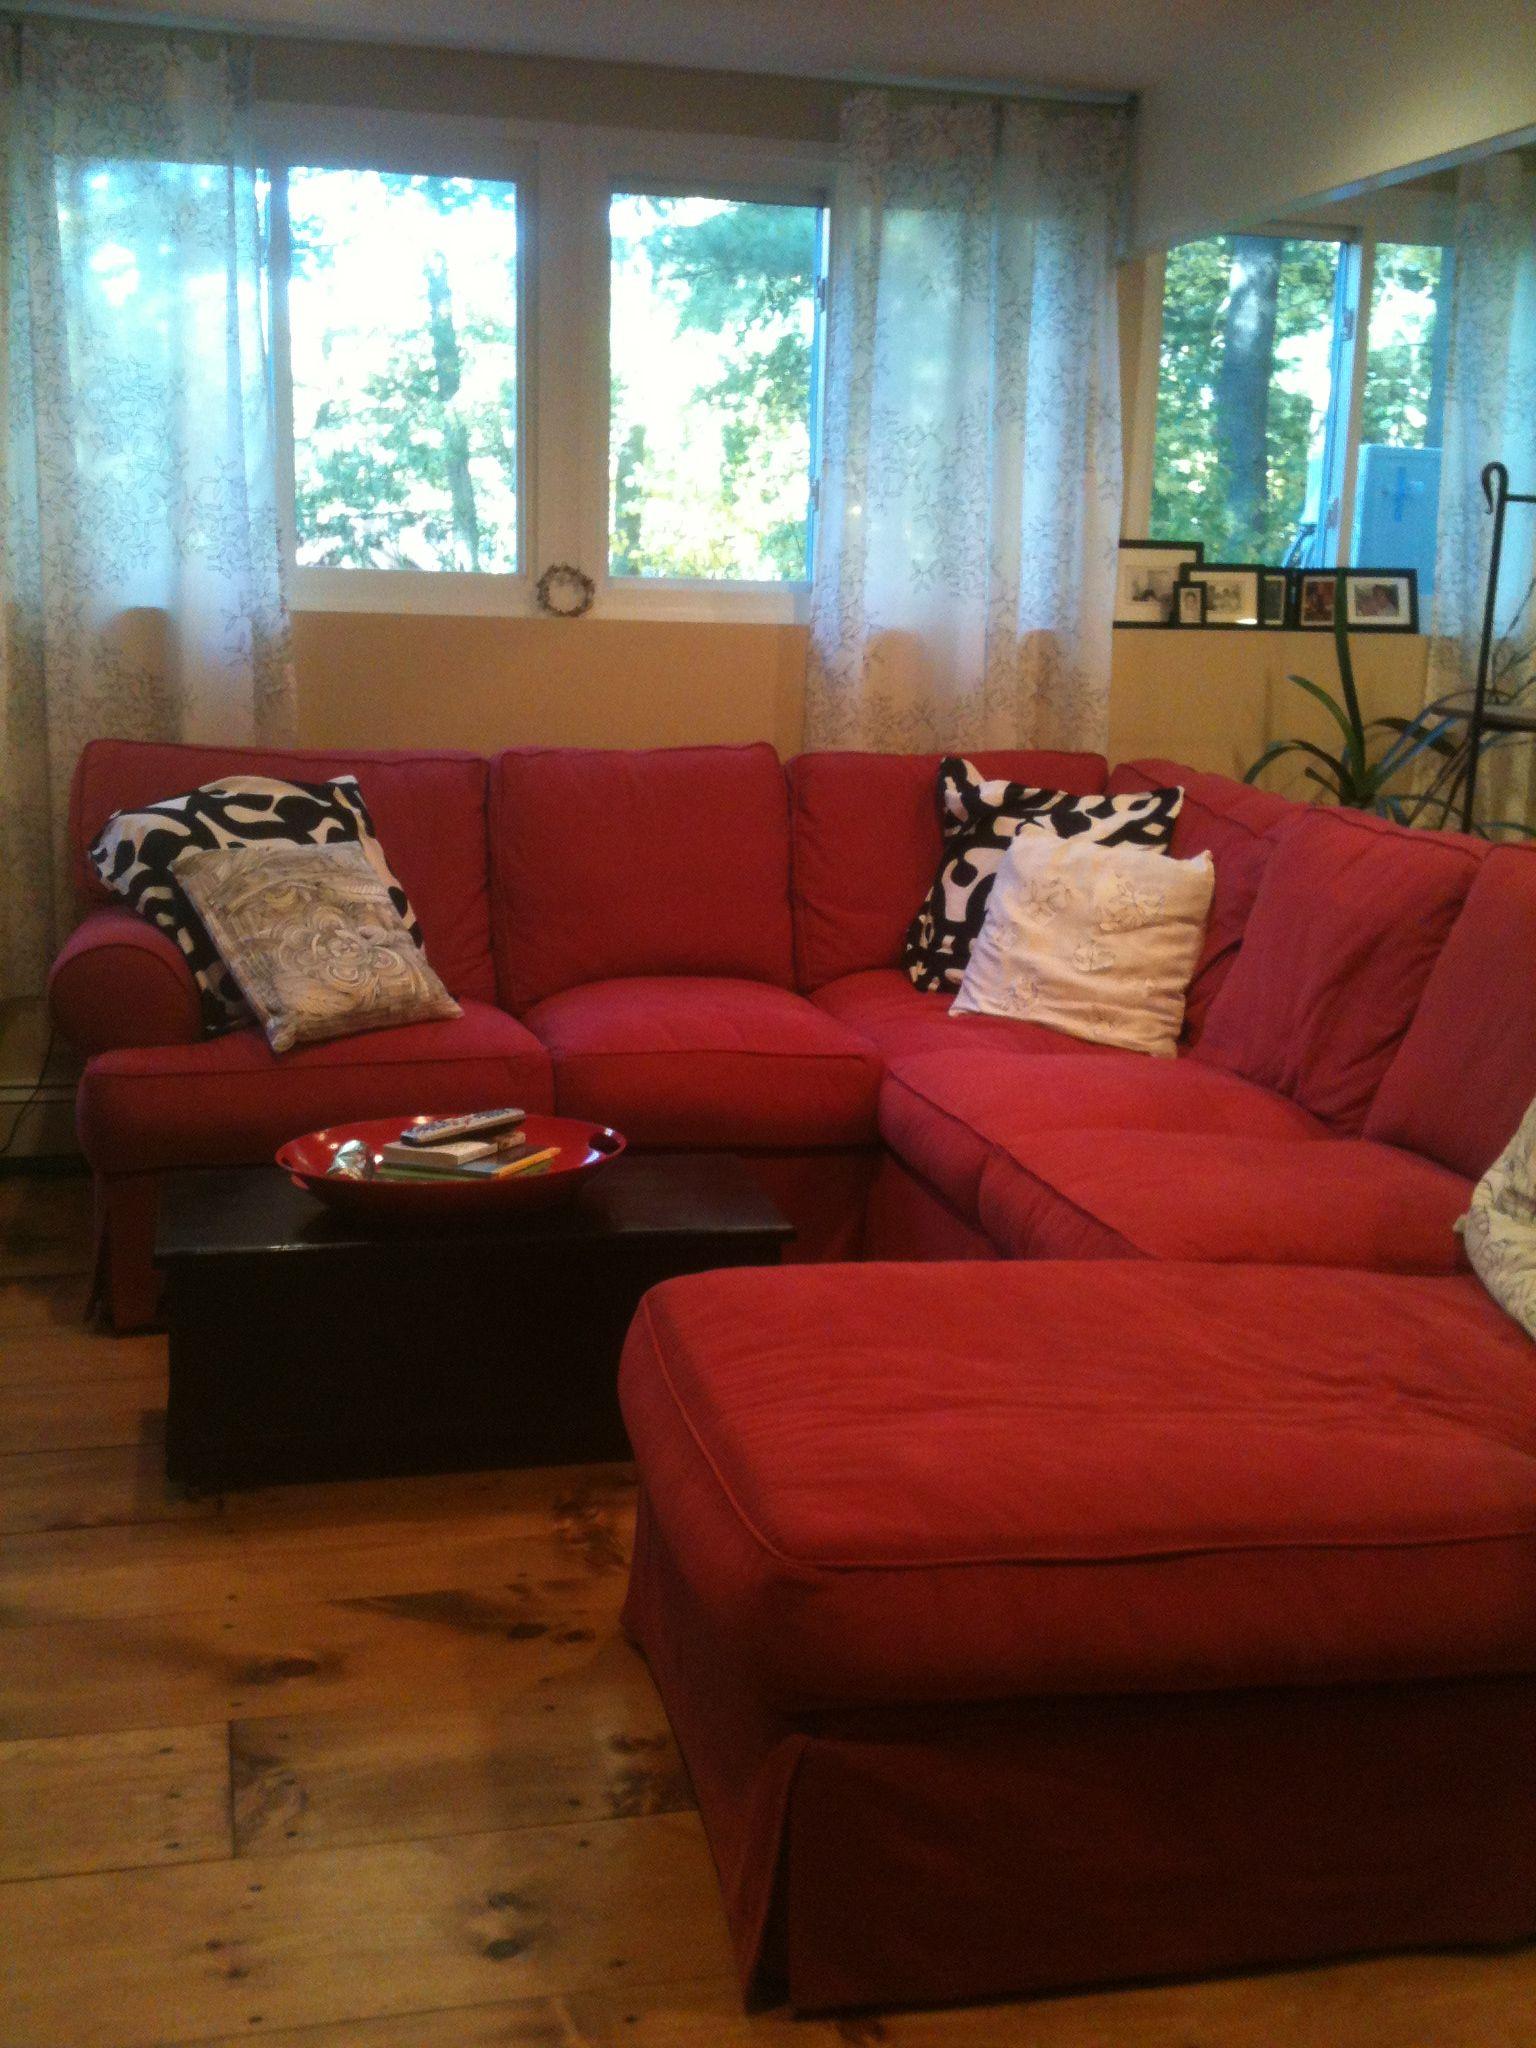 Black  Red & White Living Room  Bayte  Pinterest  Living Rooms Adorable Red And Black Living Room Decorating Ideas Inspiration Design